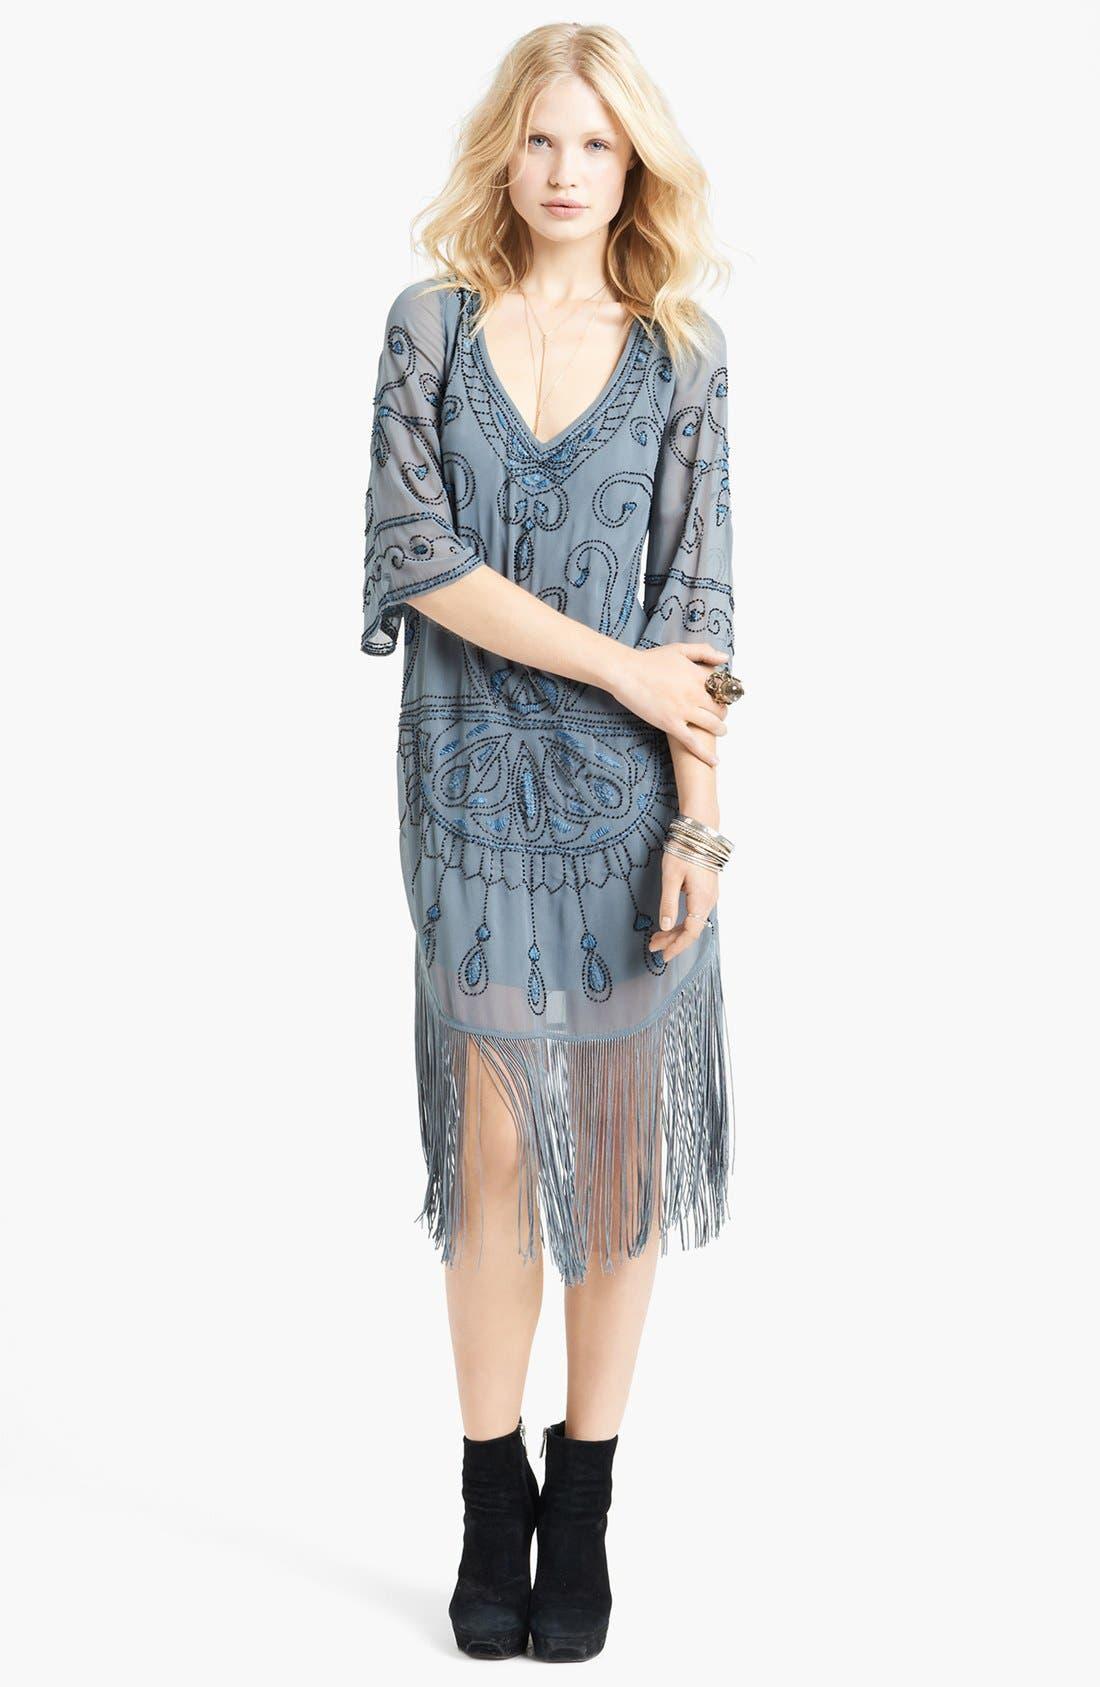 Main Image - Free People 'Livin' the Fringe Life' Embellished Dress